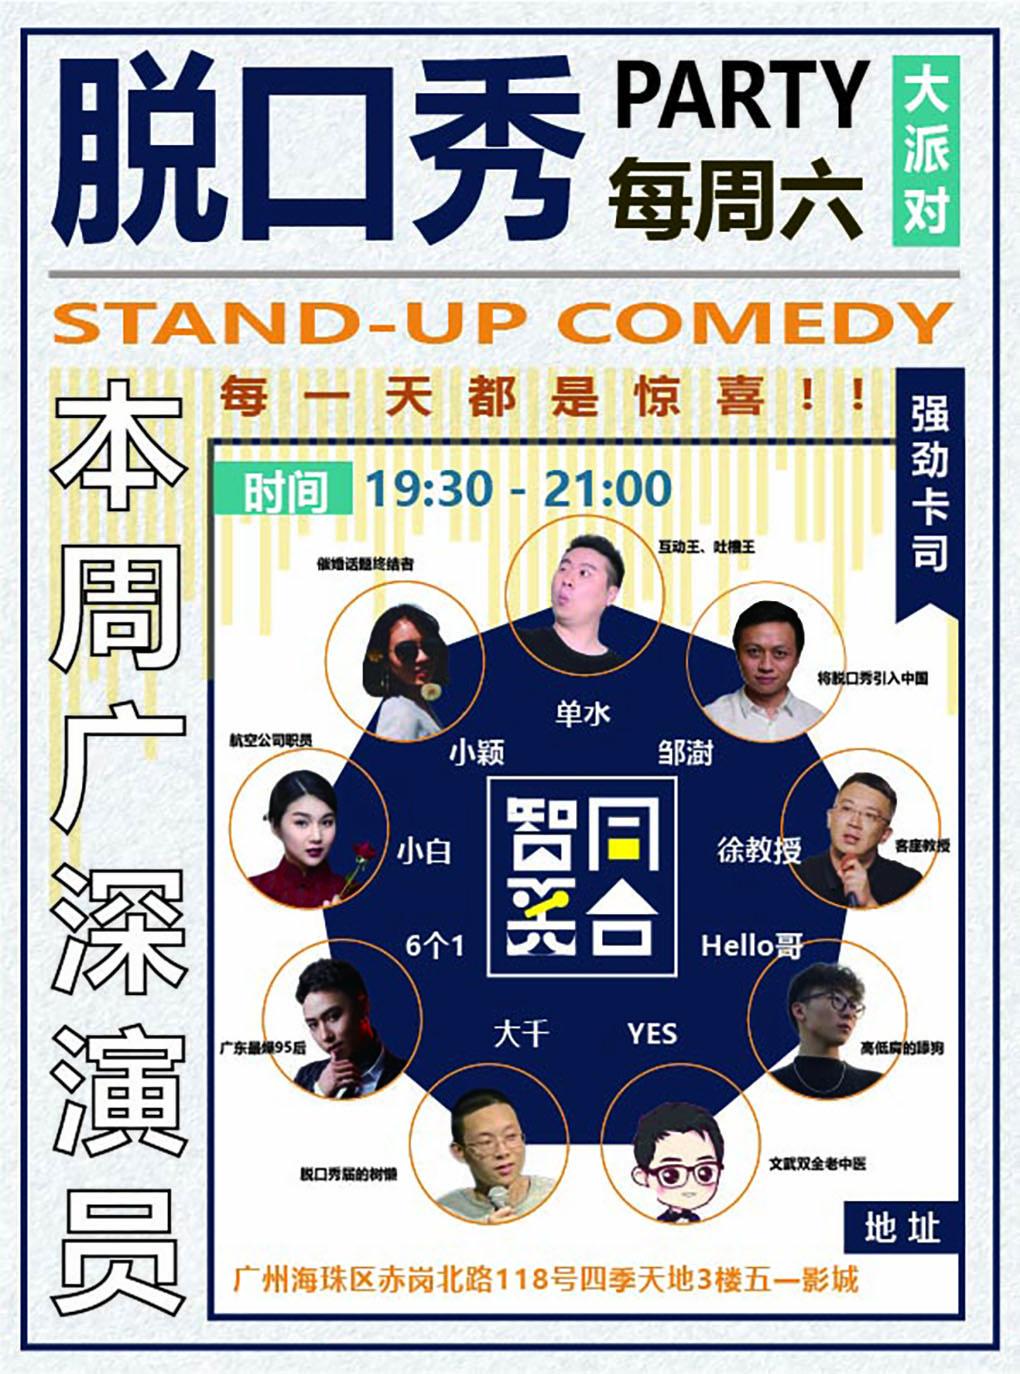 周六脱口秀小剧场智同笑合&笑咖-广州海珠